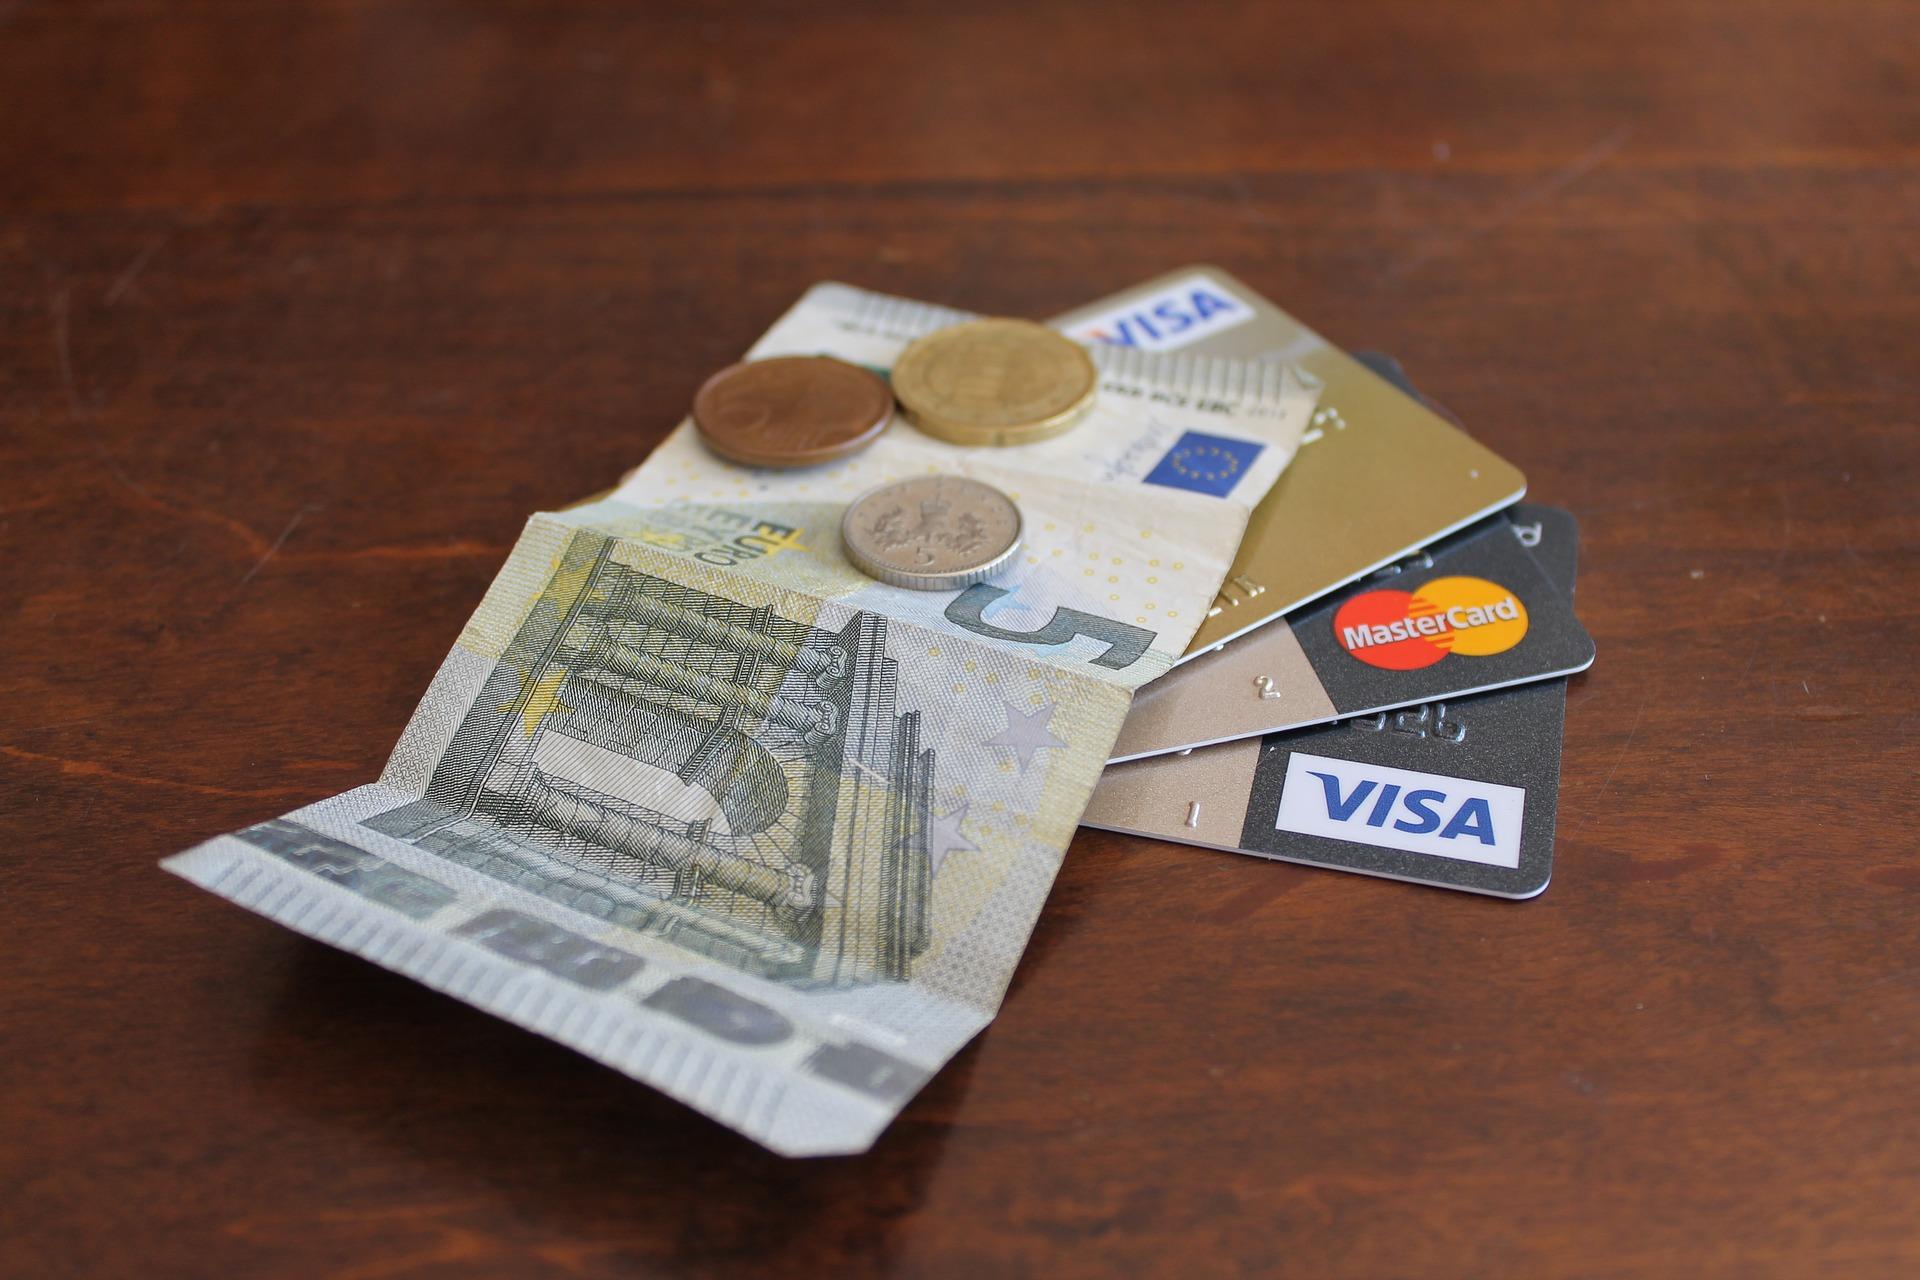 「クレジットカードで公共料金を払っているからポイントも貯まって嬉しい!」  ちょっと待って下さい。本当にお得になっていますか?  実は支払う金額や地域によっては逆に損をしているかもしれません。